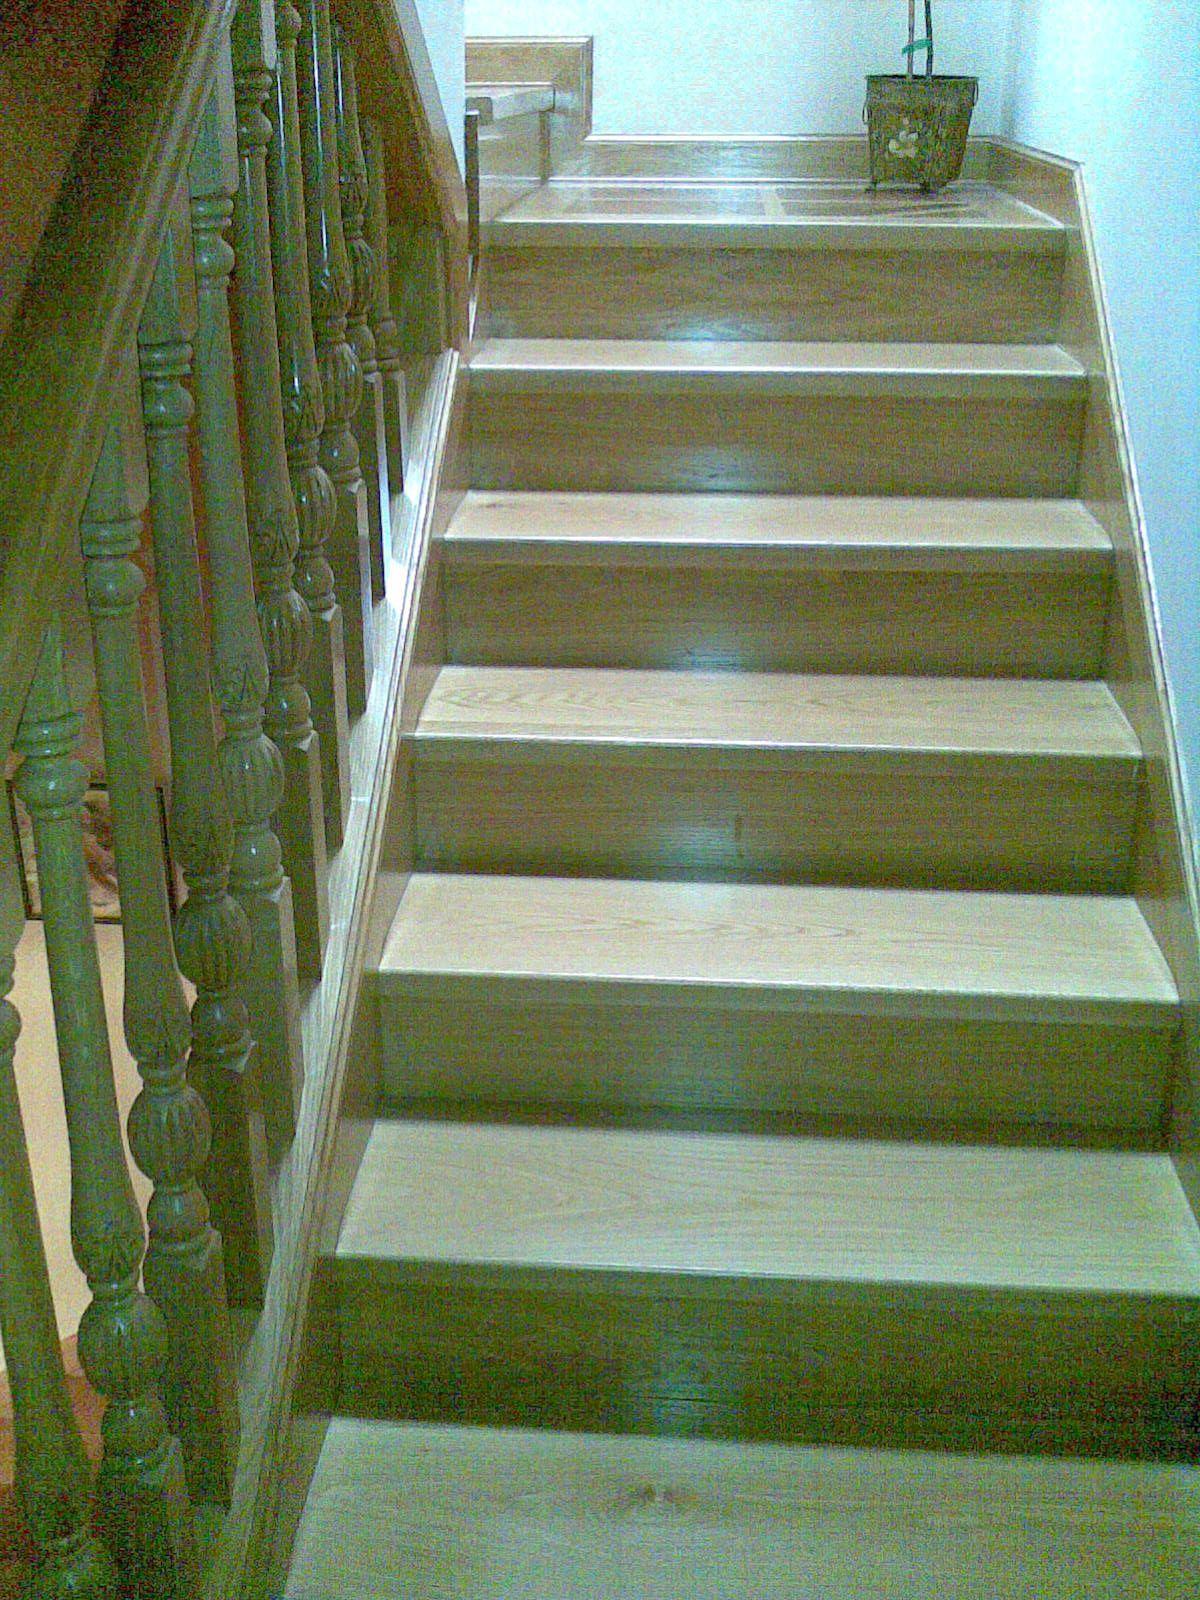 Escaleras de madera a medida en Las Navas del Marqués Ávila